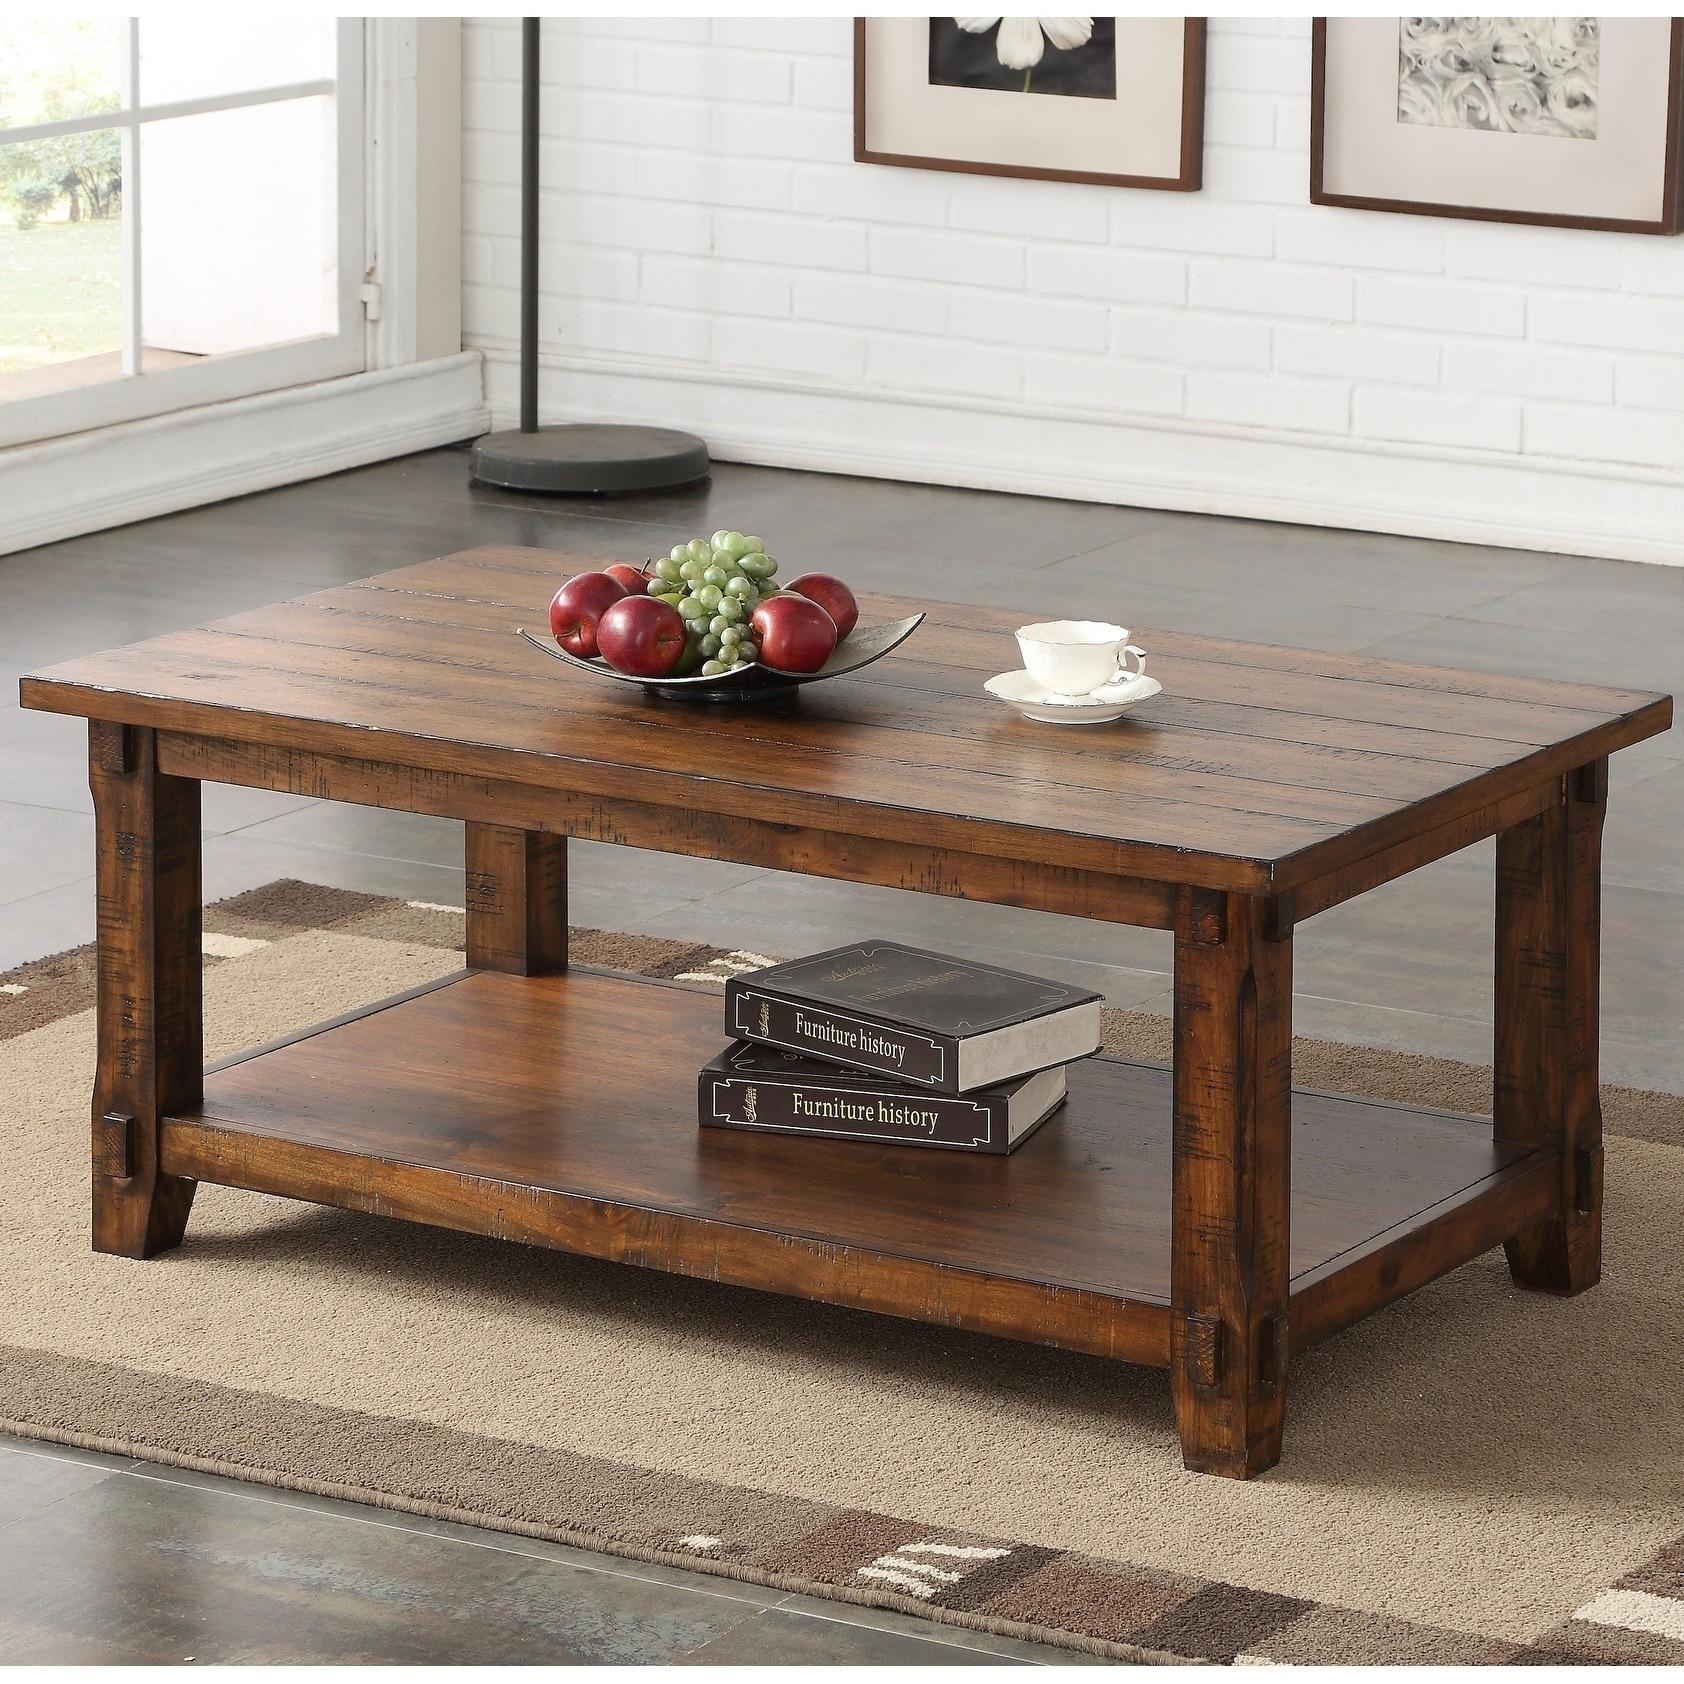 - Shop Carbon Loft Ebersole Rustic Walnut Coffee Table - Free